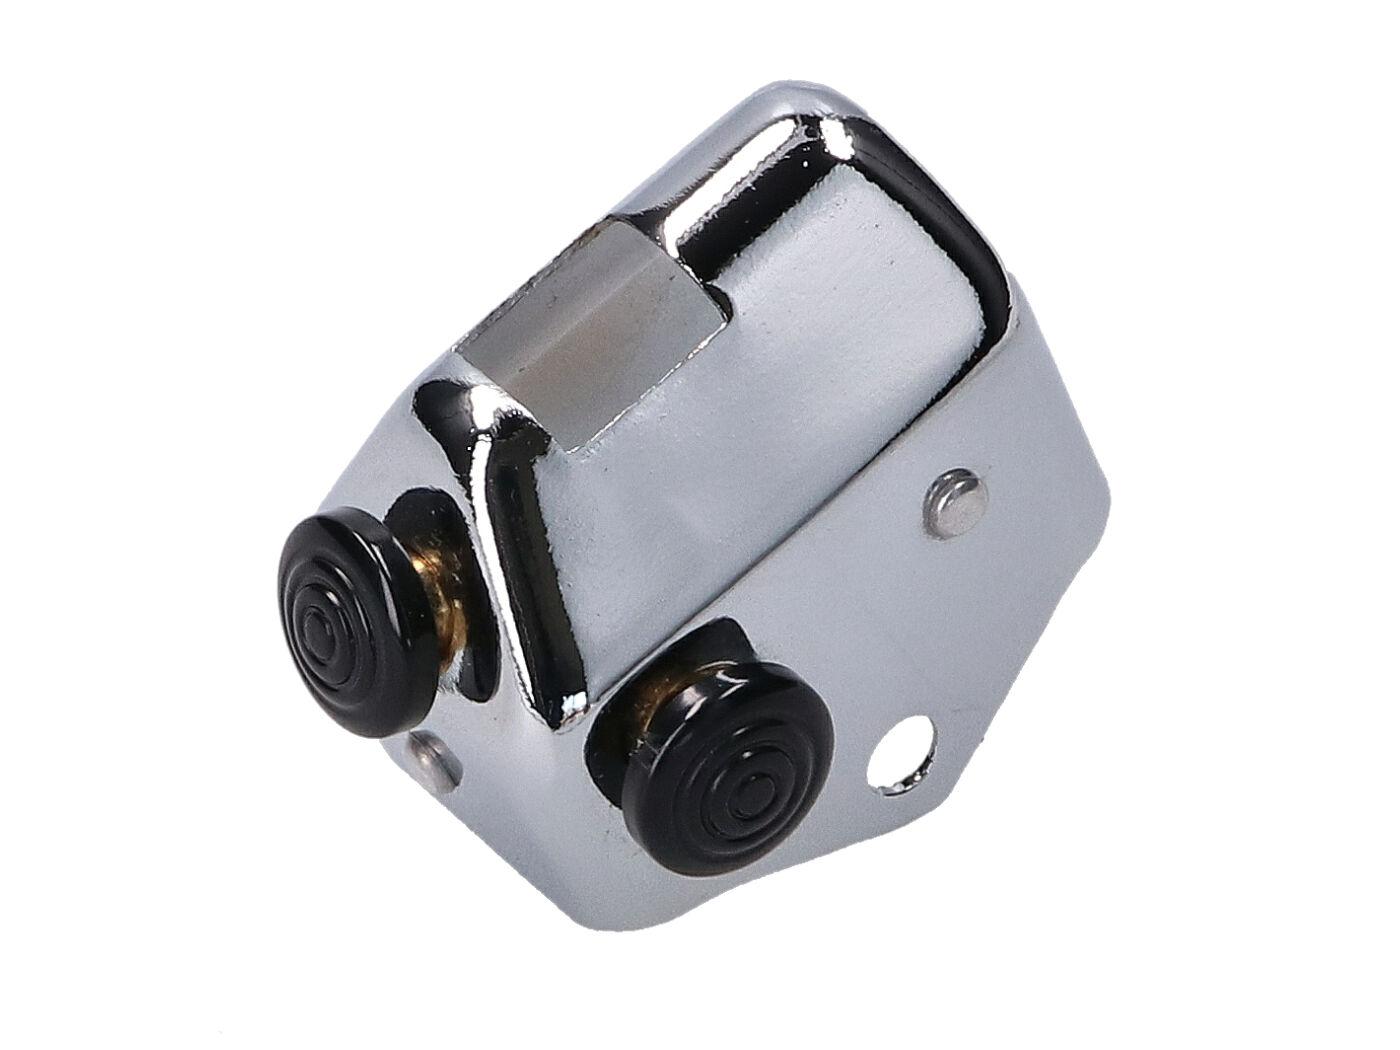 Kappe Chrom für Abblendschalter für Simson S50